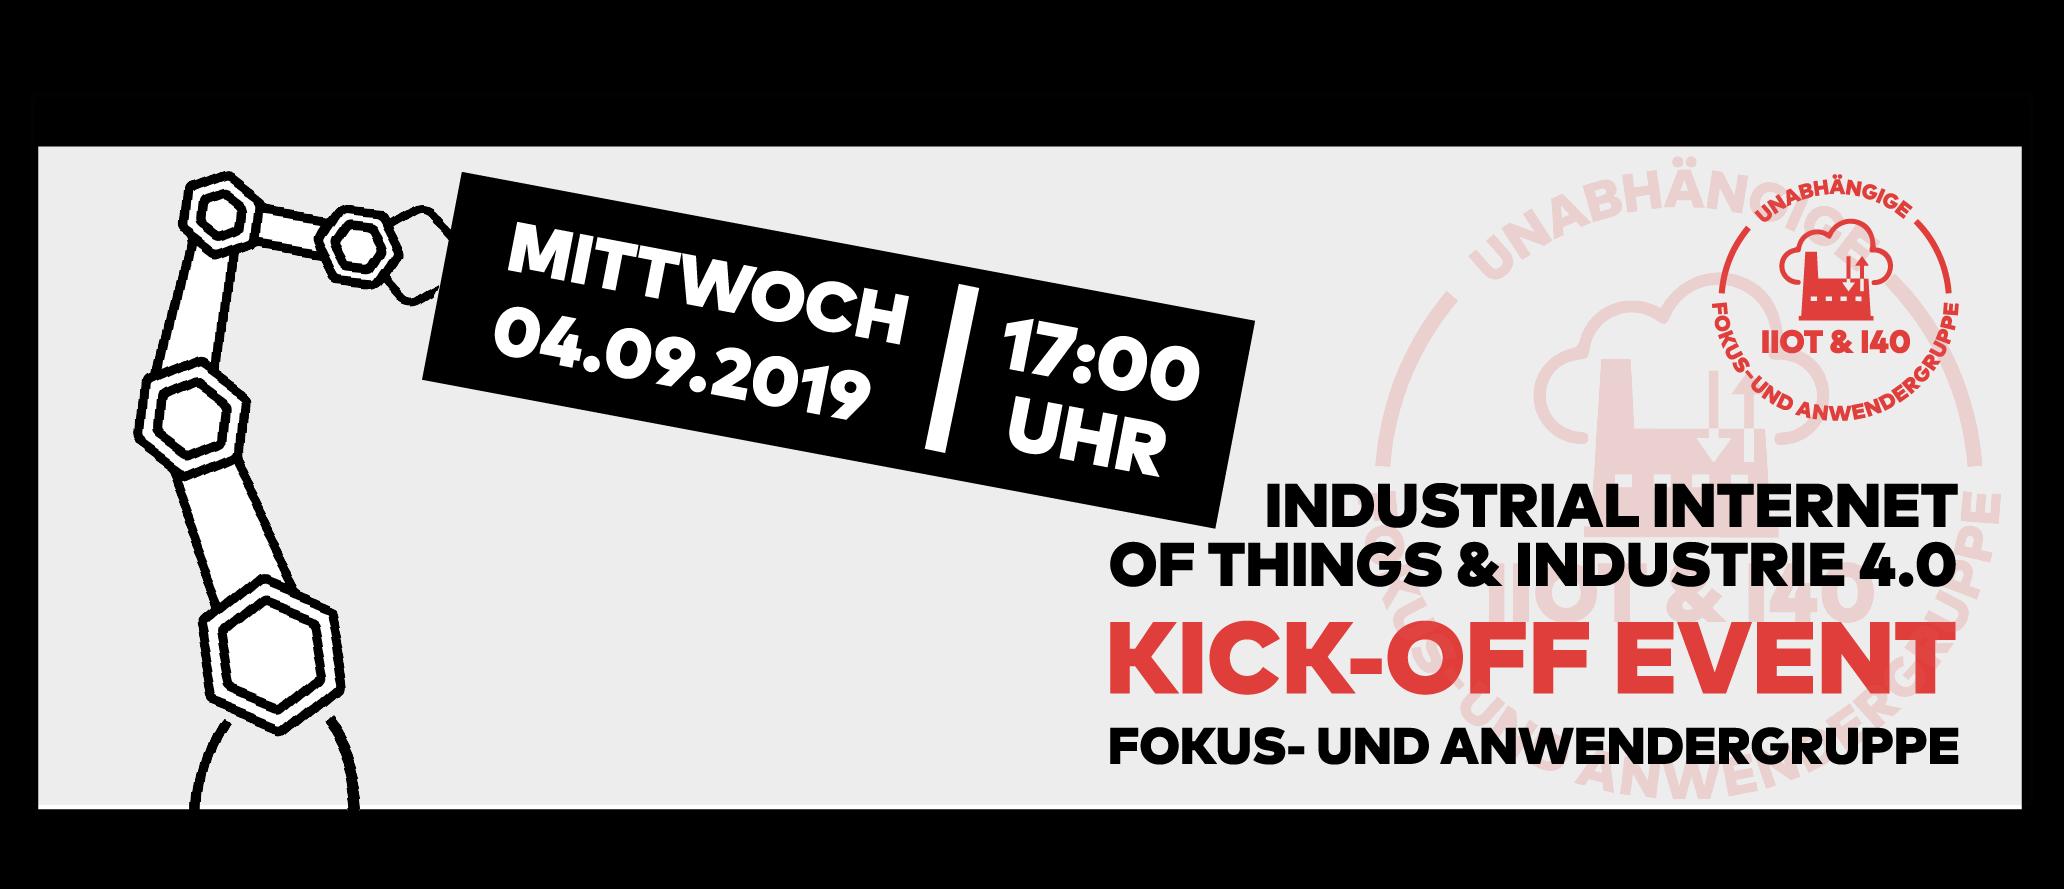 IIoT & Industrie 4.0, Kick-off Event, Fokusgruppe, Anwendergruppe, Mainz, Gutenberg Digital Hub